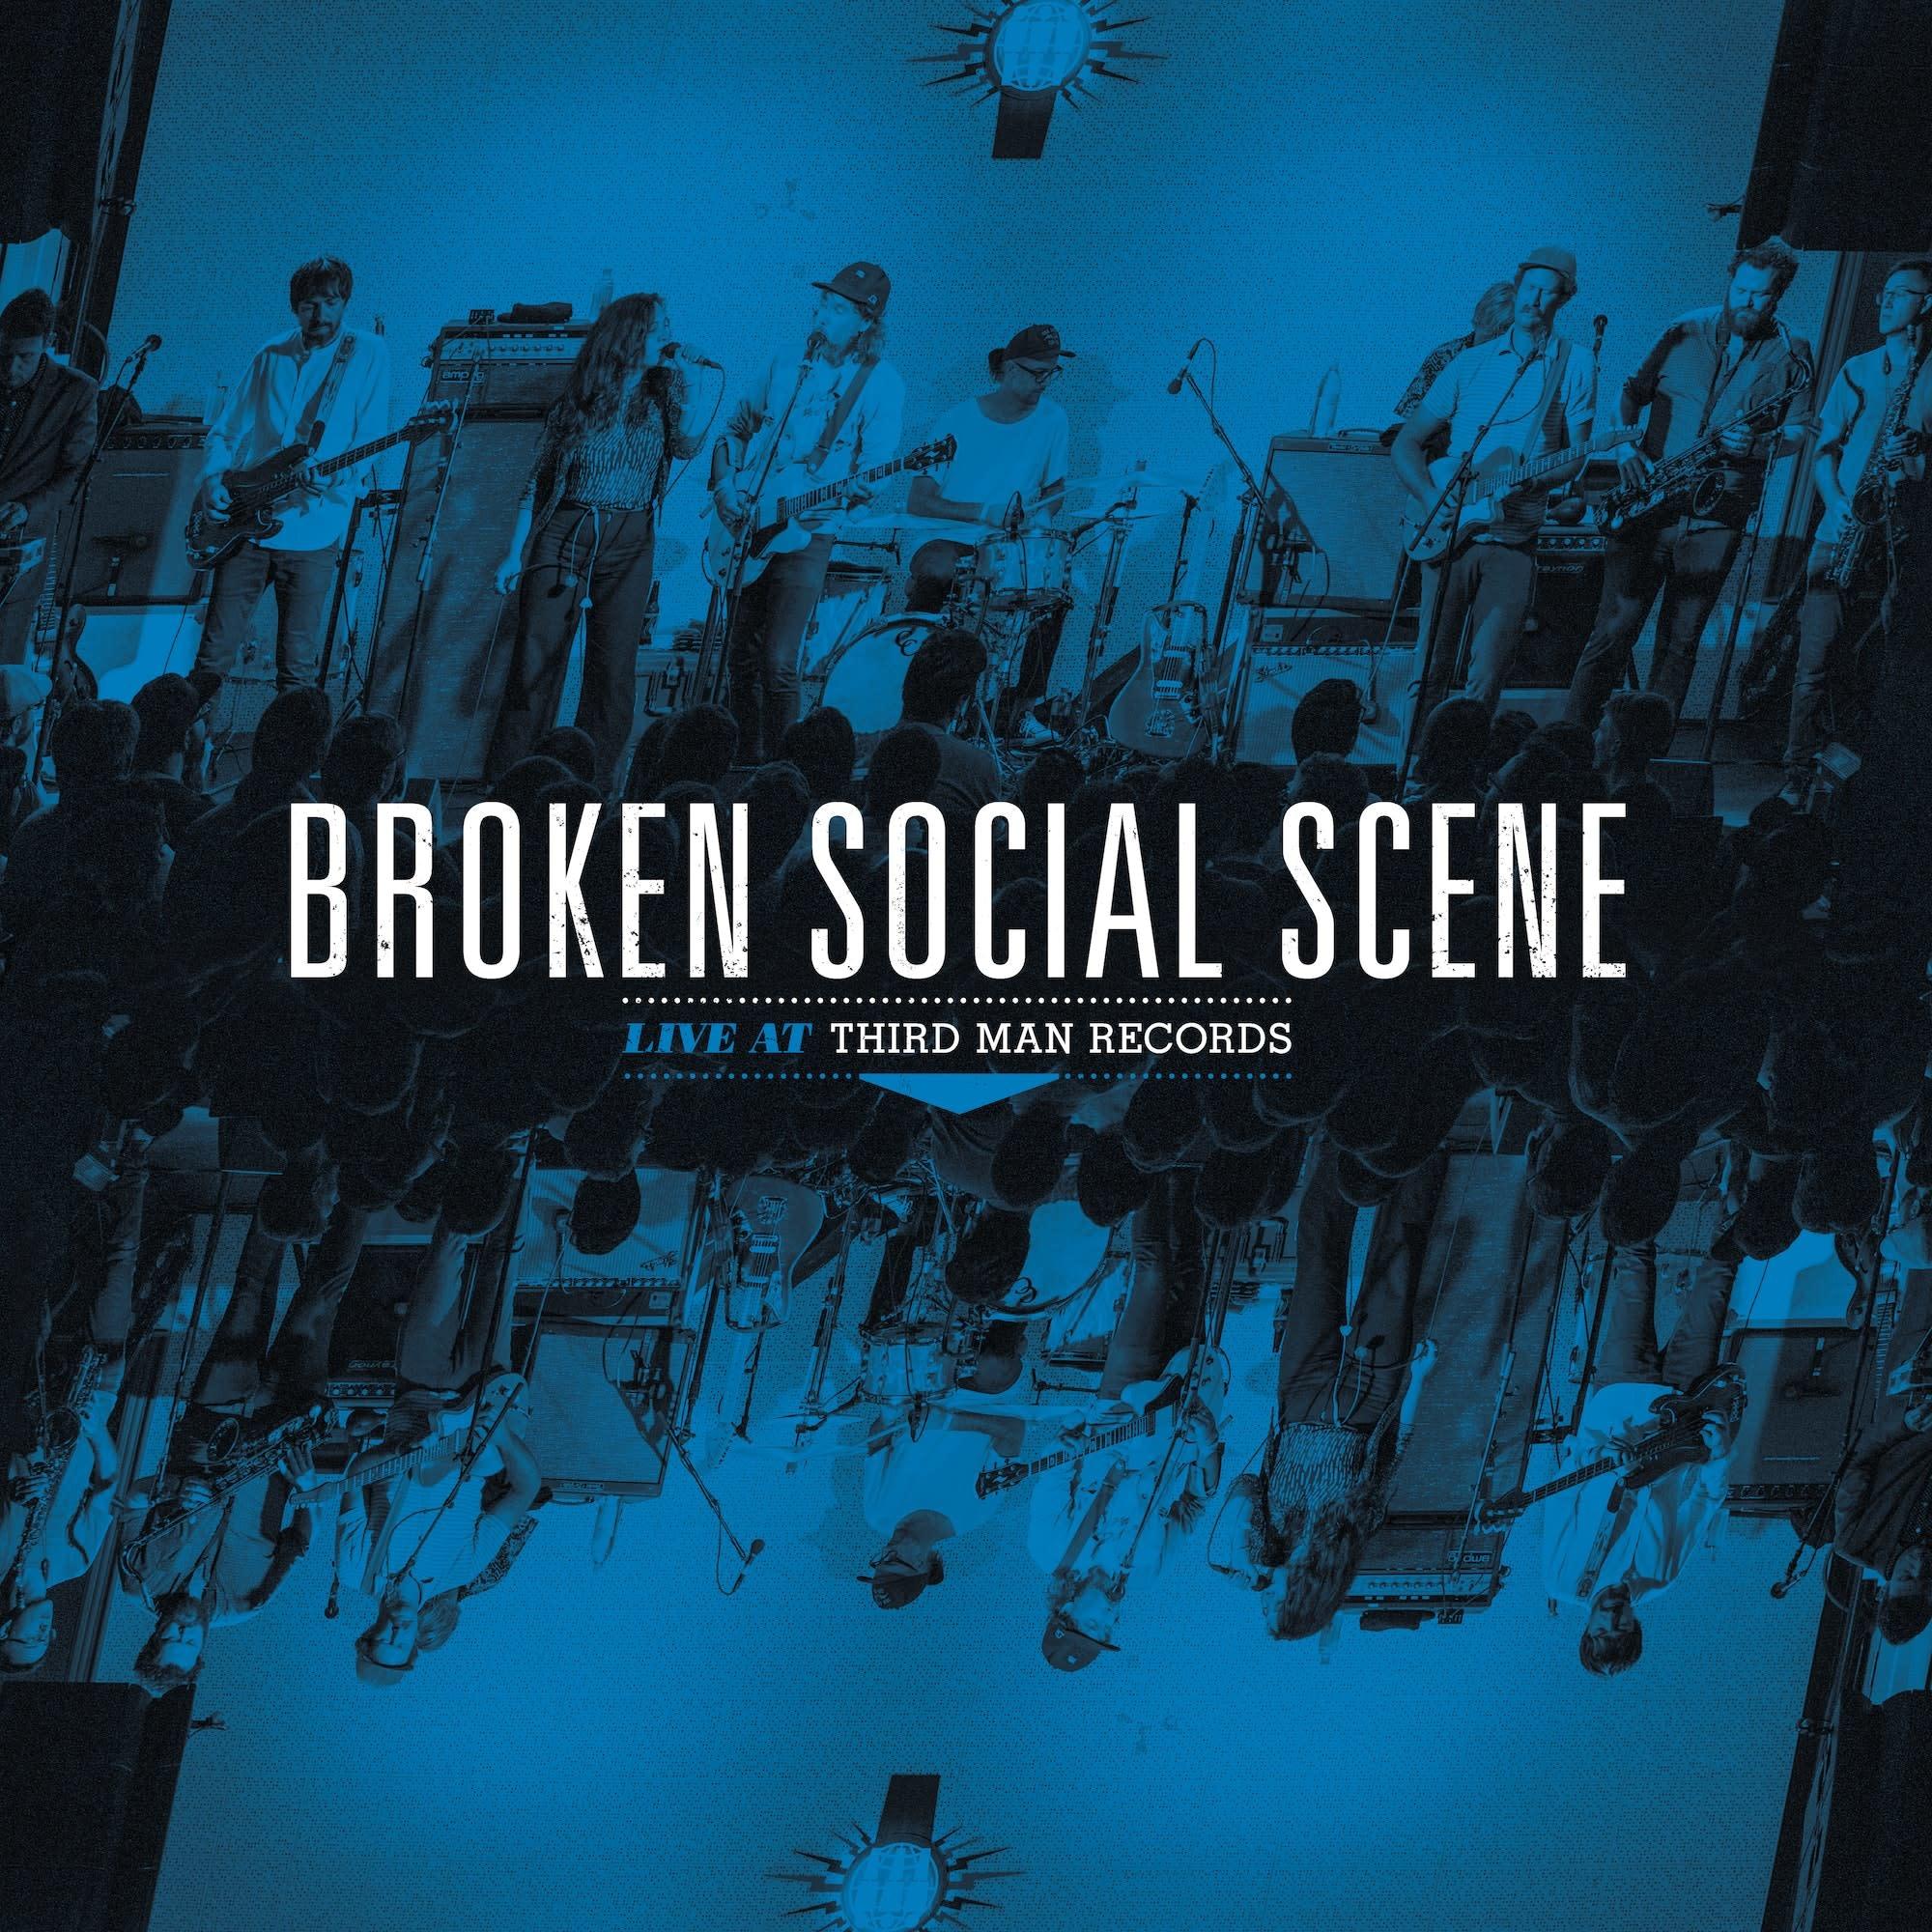 Third Man Records Broken Social Scene - Broken Social Scene Live At Third Man Records